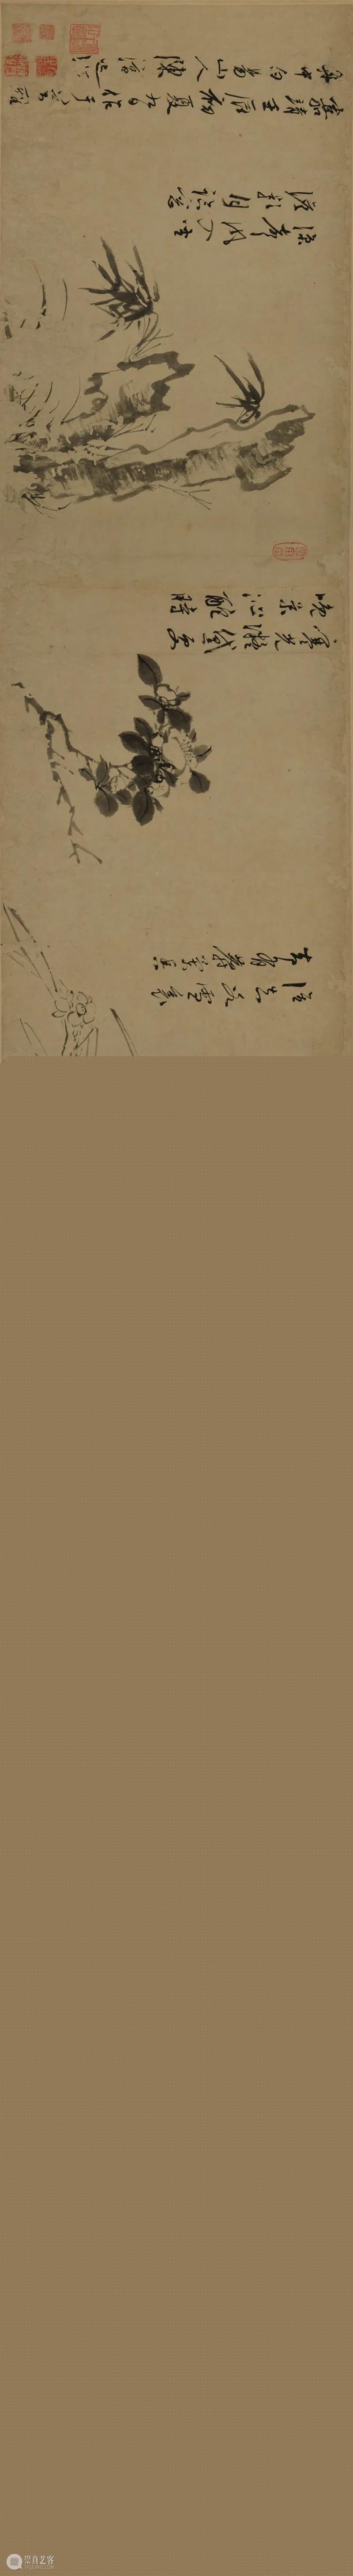 第一篇章 艺法古今 | 任伯年作品专题展 任伯年 作品 古今 艺法 专题展 中国 美术史 海派 画家 任熊 崇真艺客